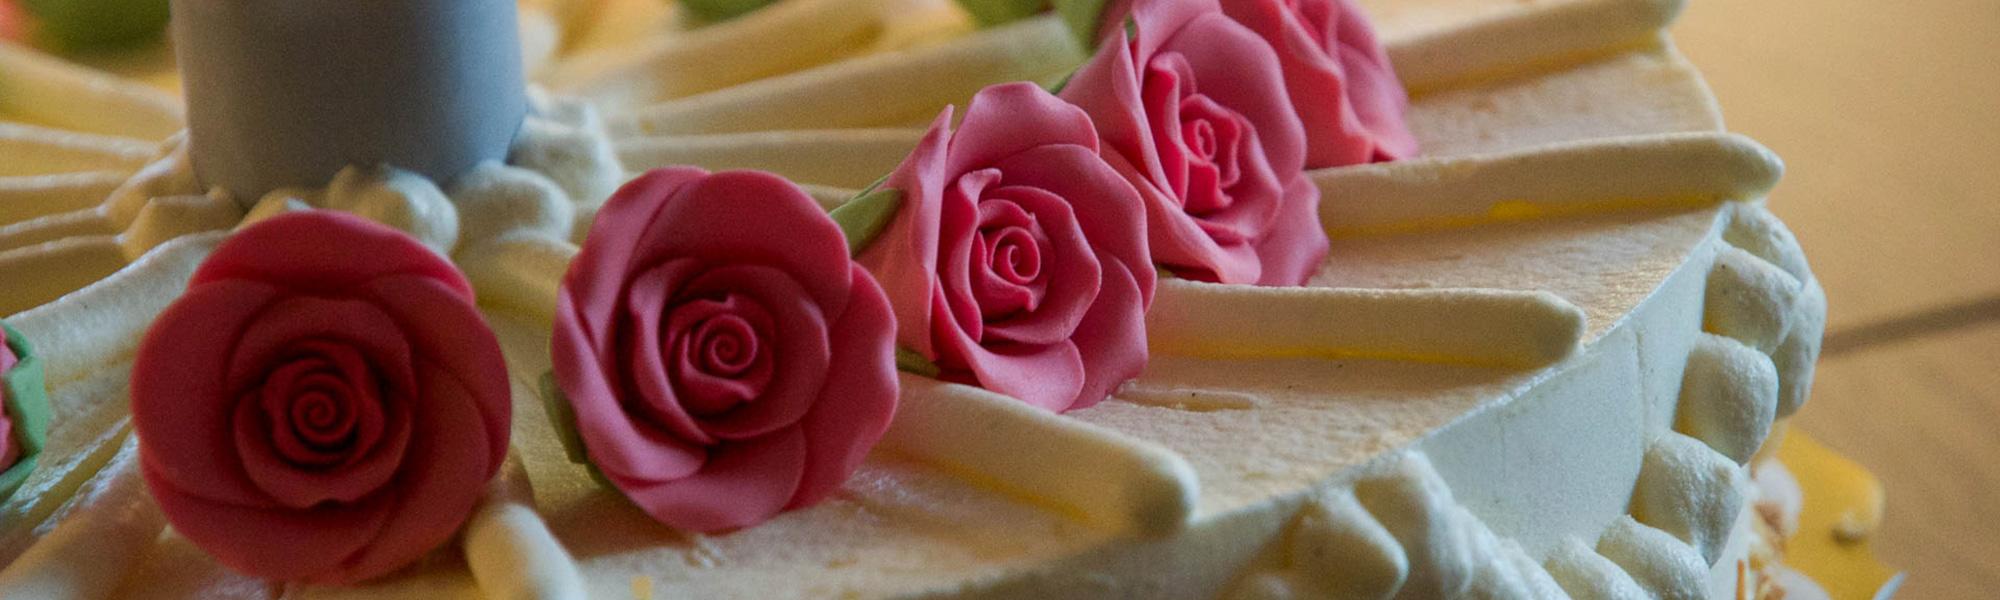 Herztorten mit Rollfondant eingeckt auf klassischem Hochzeitstortenständer